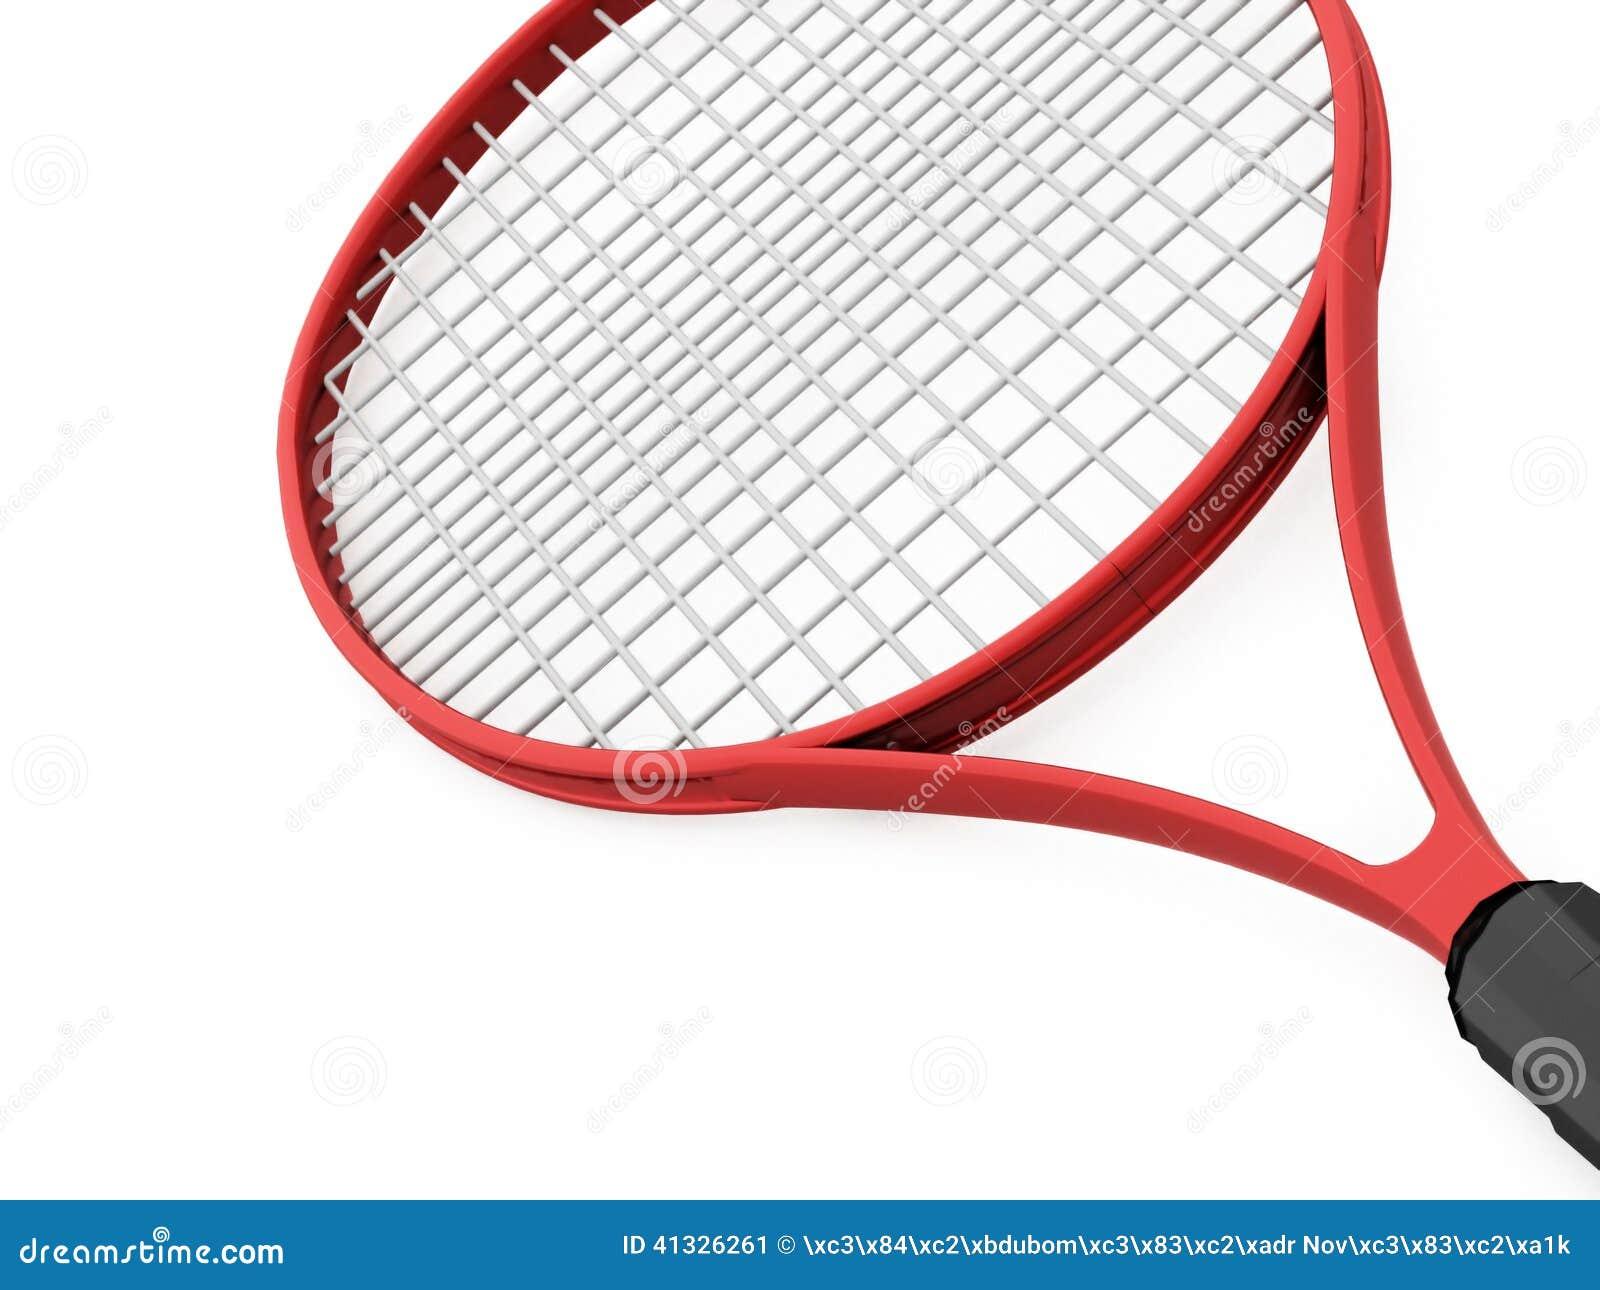 新买的网球拍,选手有需要的奖金手胶.还自带再缠一层手胶?电子竞技白色拍柄榜单图片